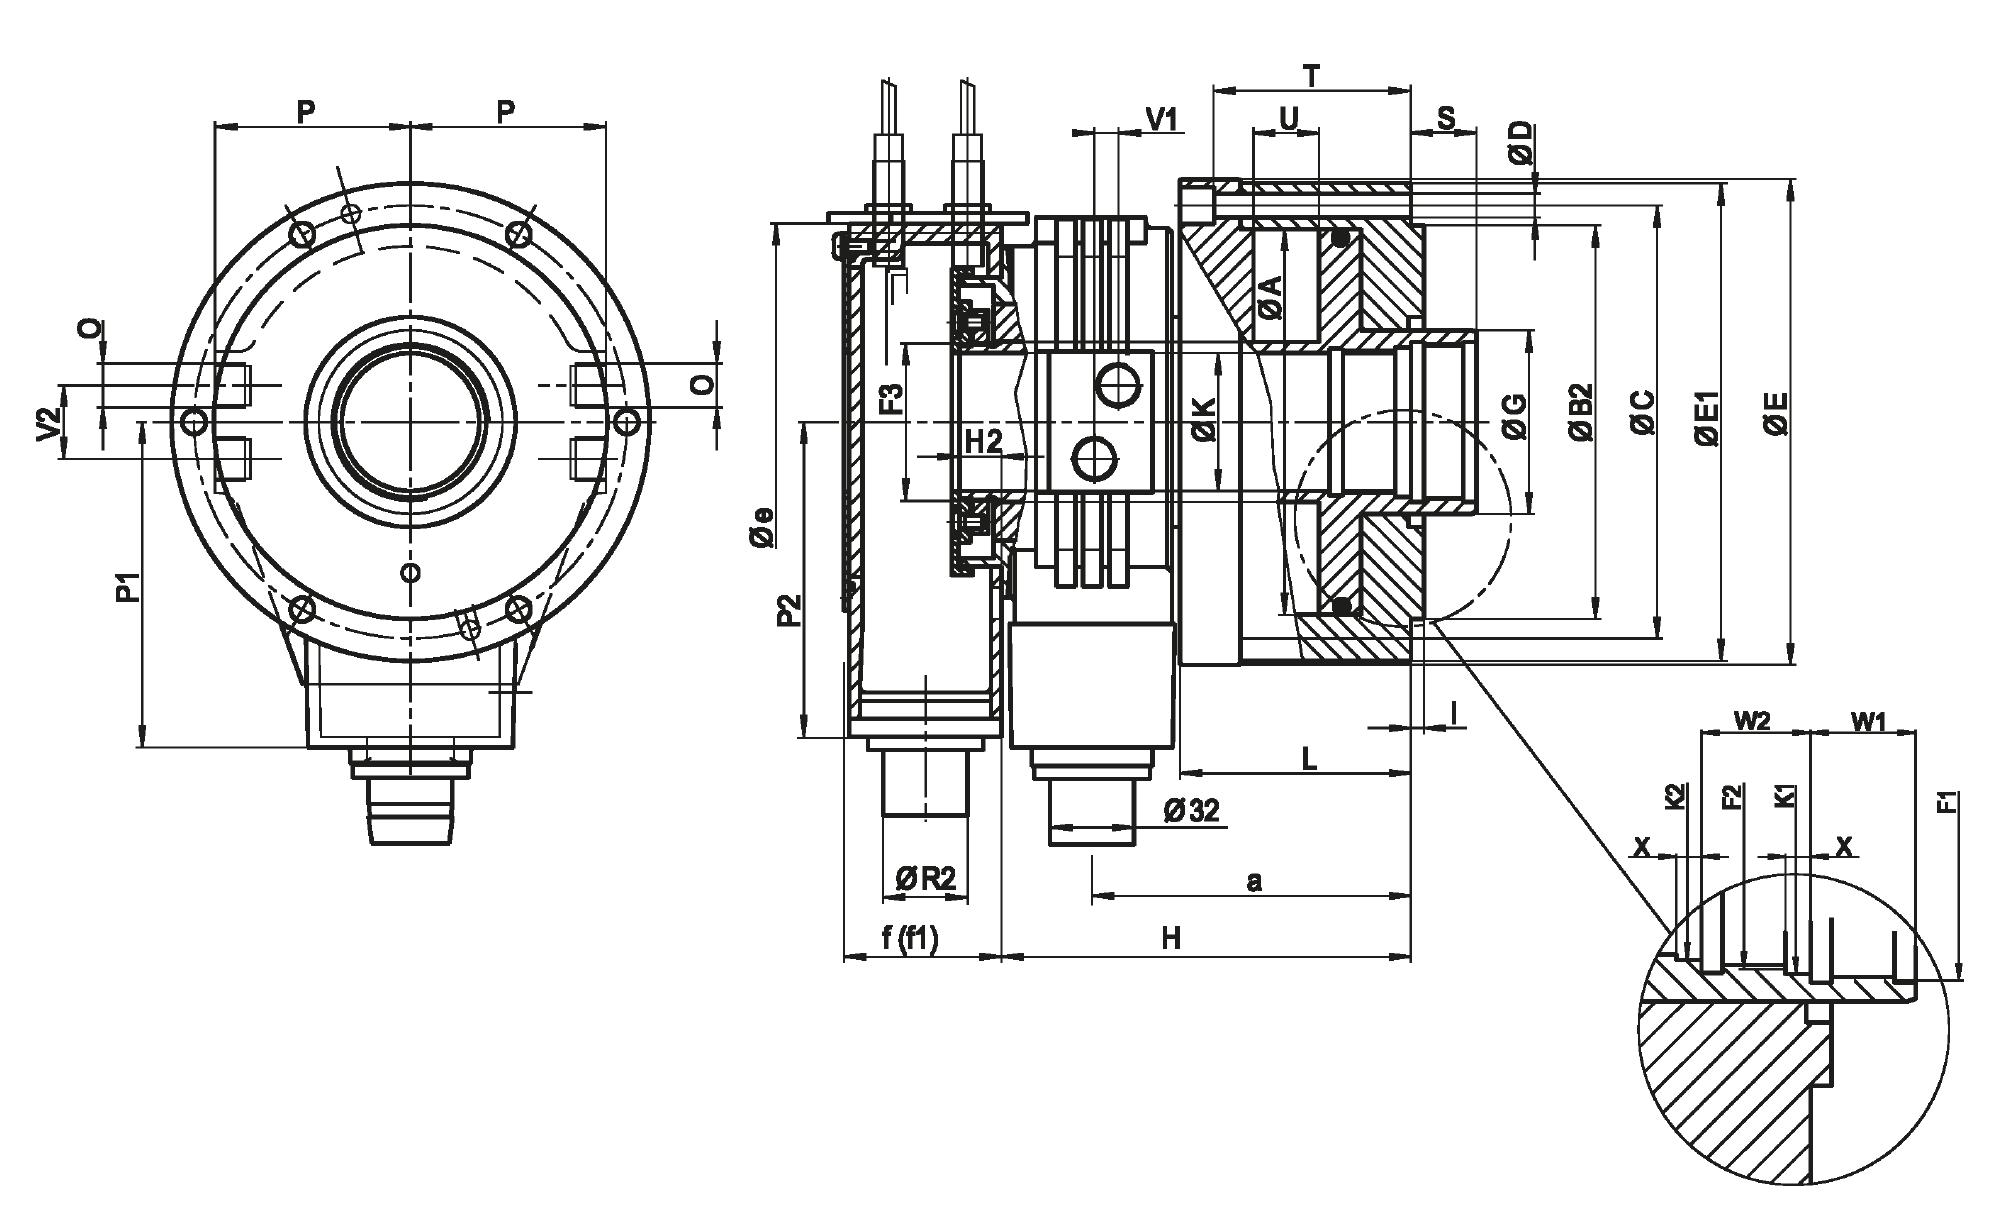 102616_Technische_Zeichnung3NLJ9y1sOm9mh